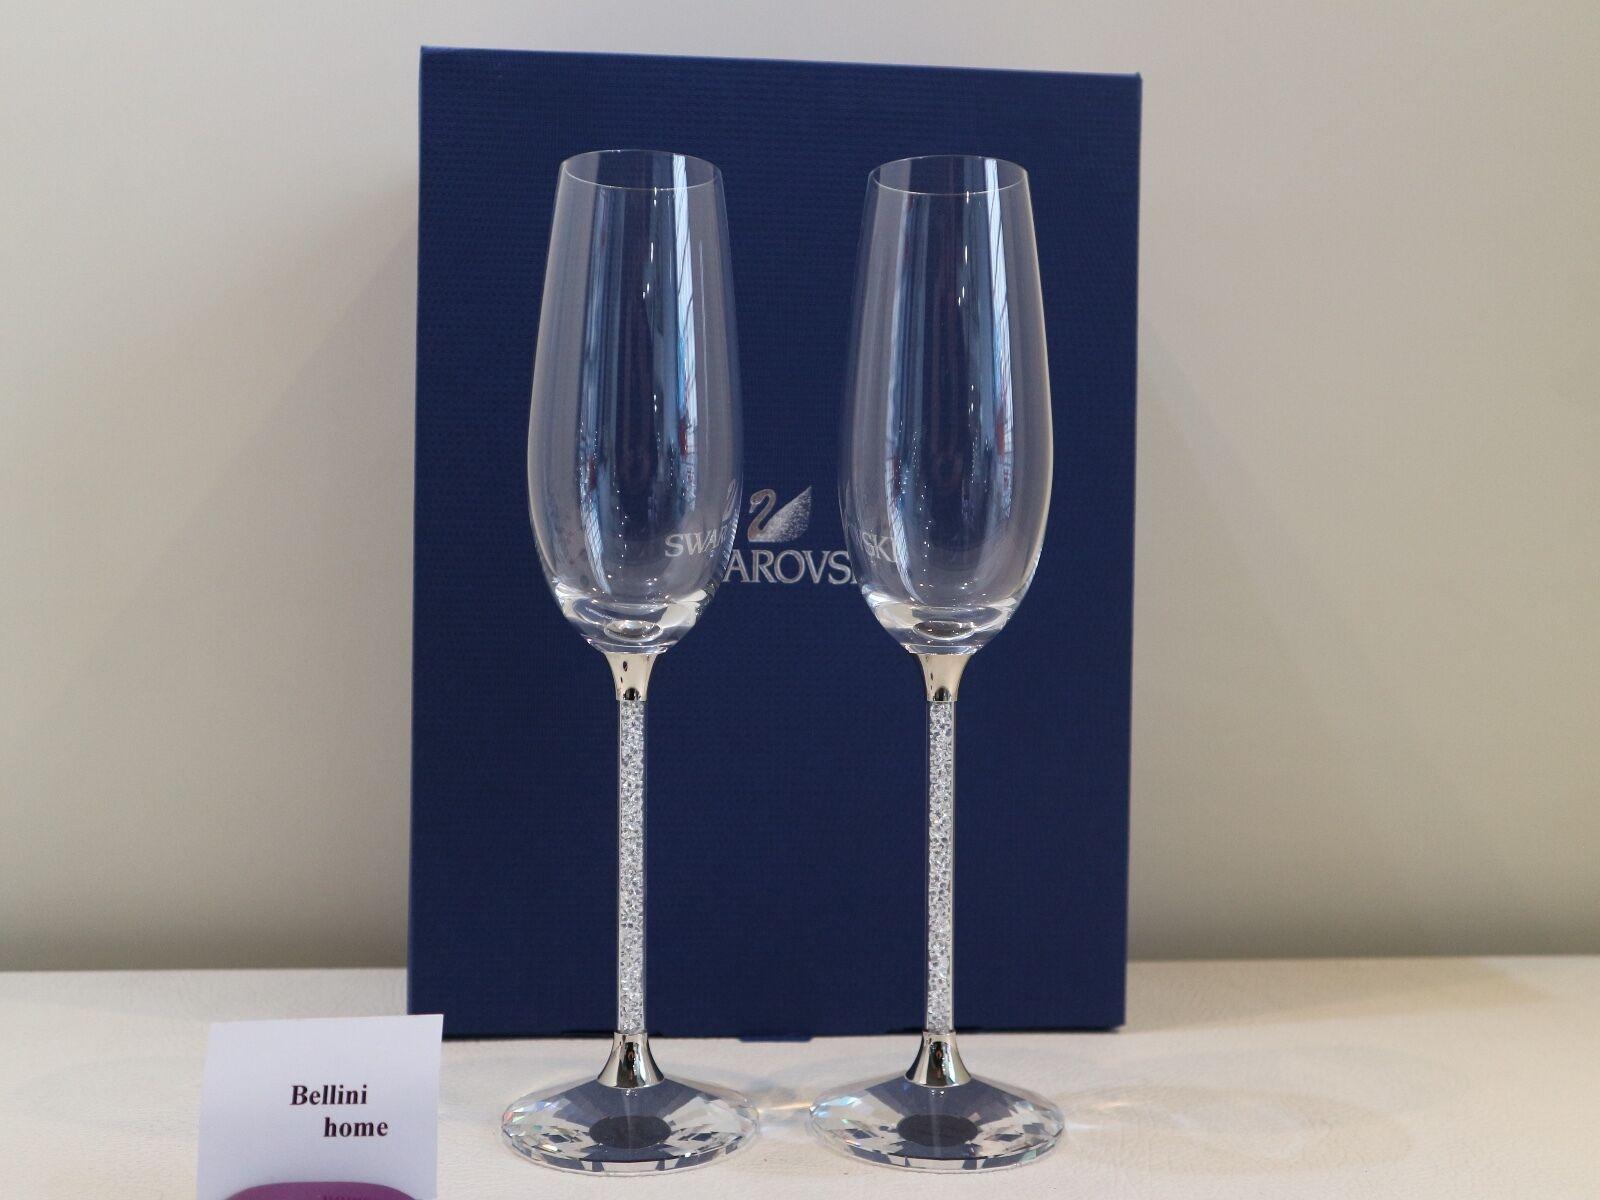 Swarovski Crystalline Glasses Flutes 255678